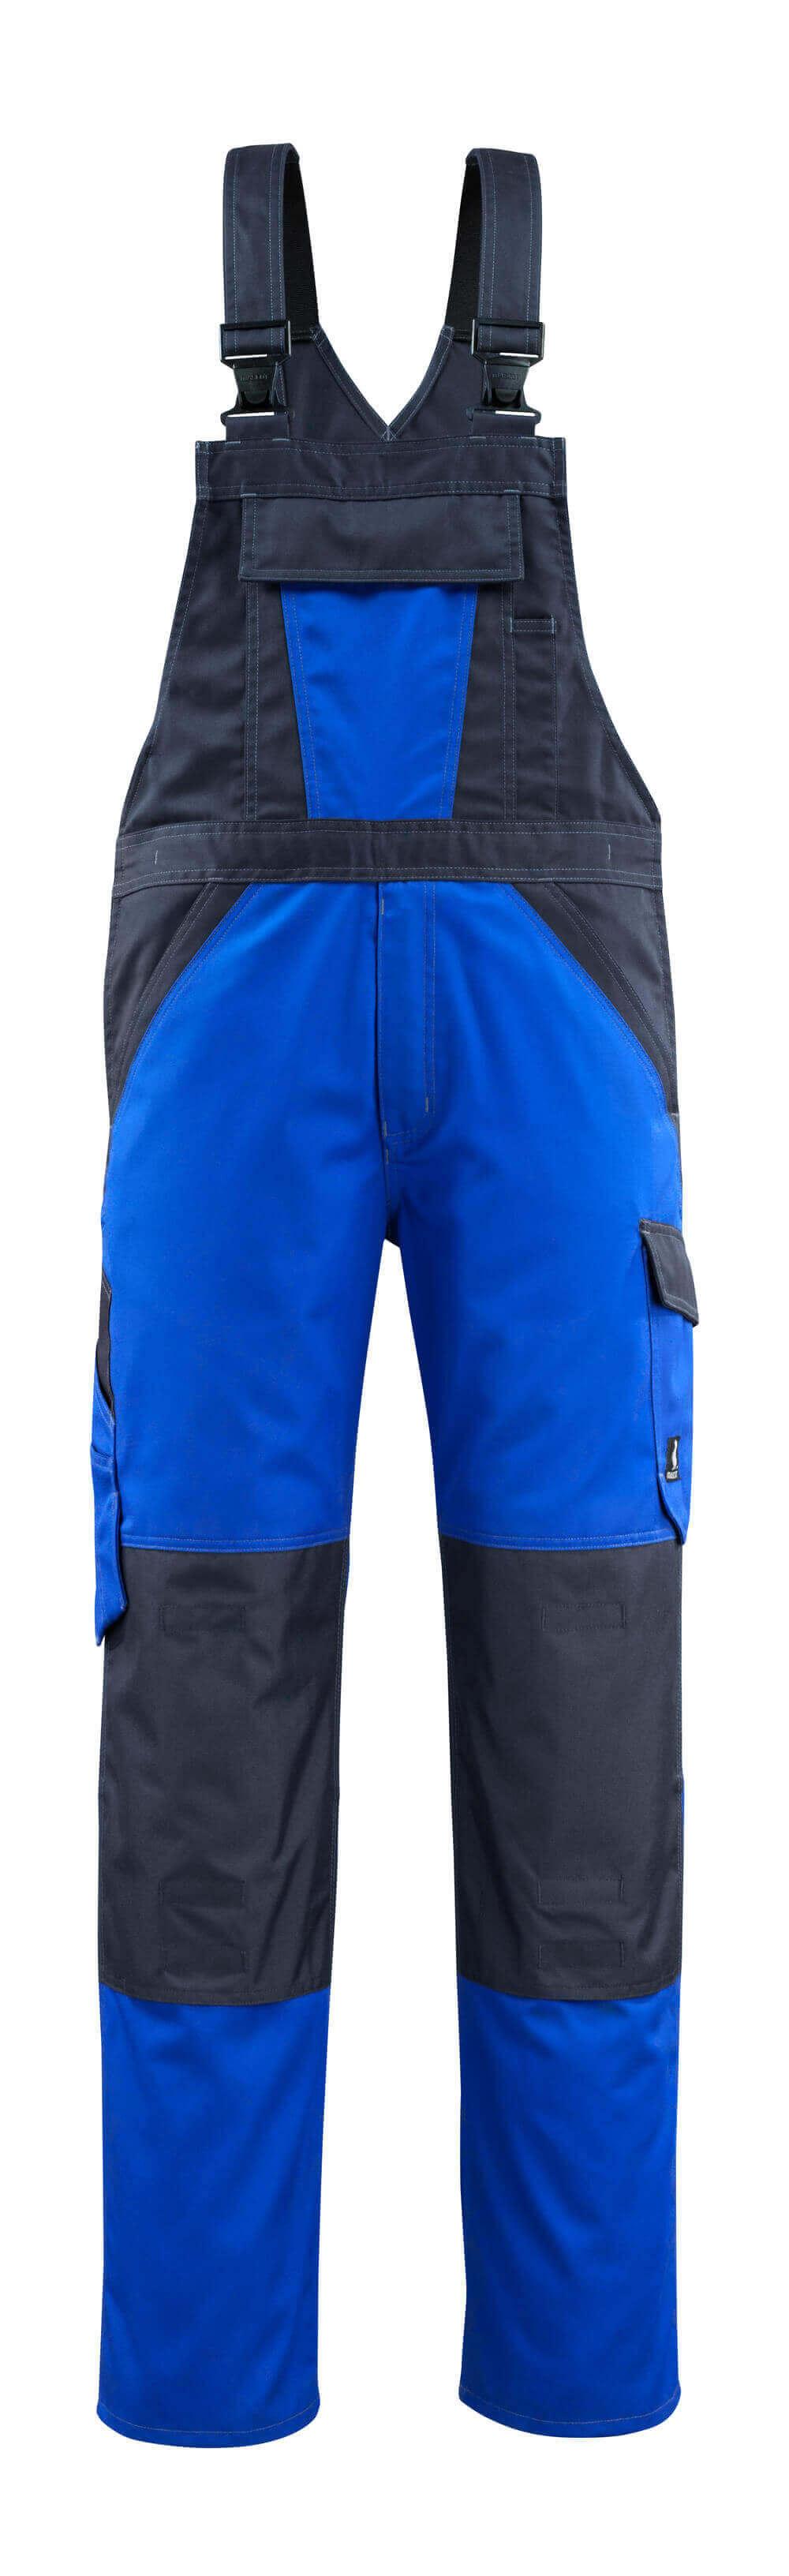 15769-330-11010 Salopette avec poches genouillères - Bleu roi/Marine foncé